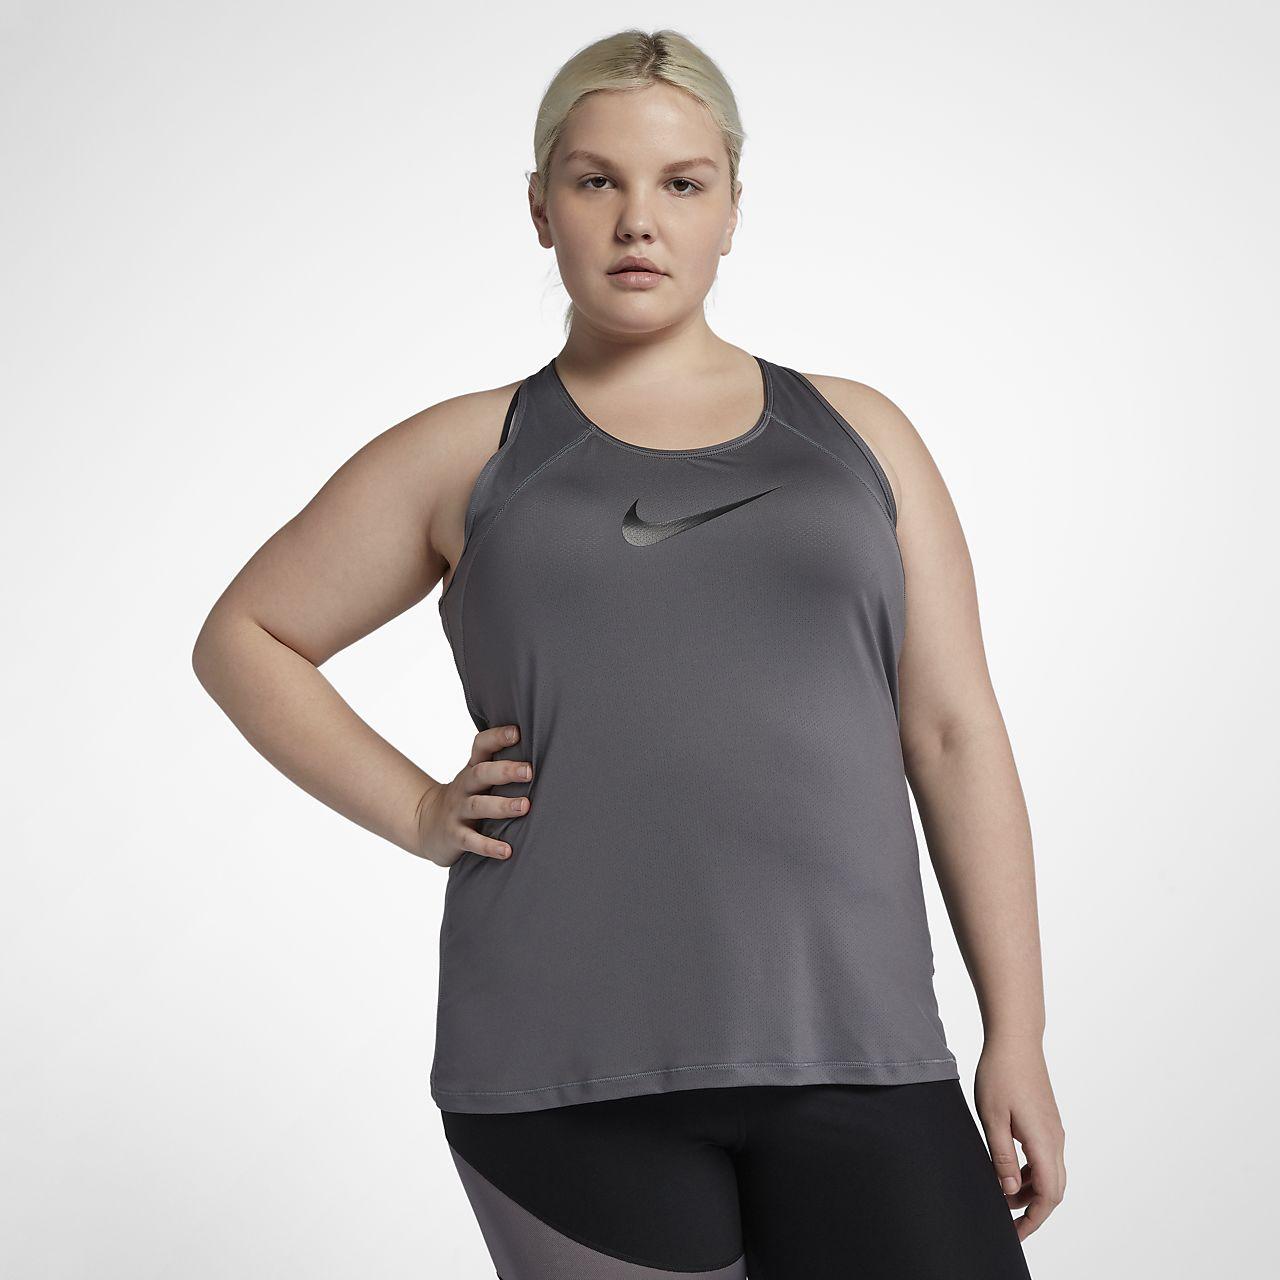 Camiseta de tirantes de entrenamiento para mujer talla grande Nike Pro